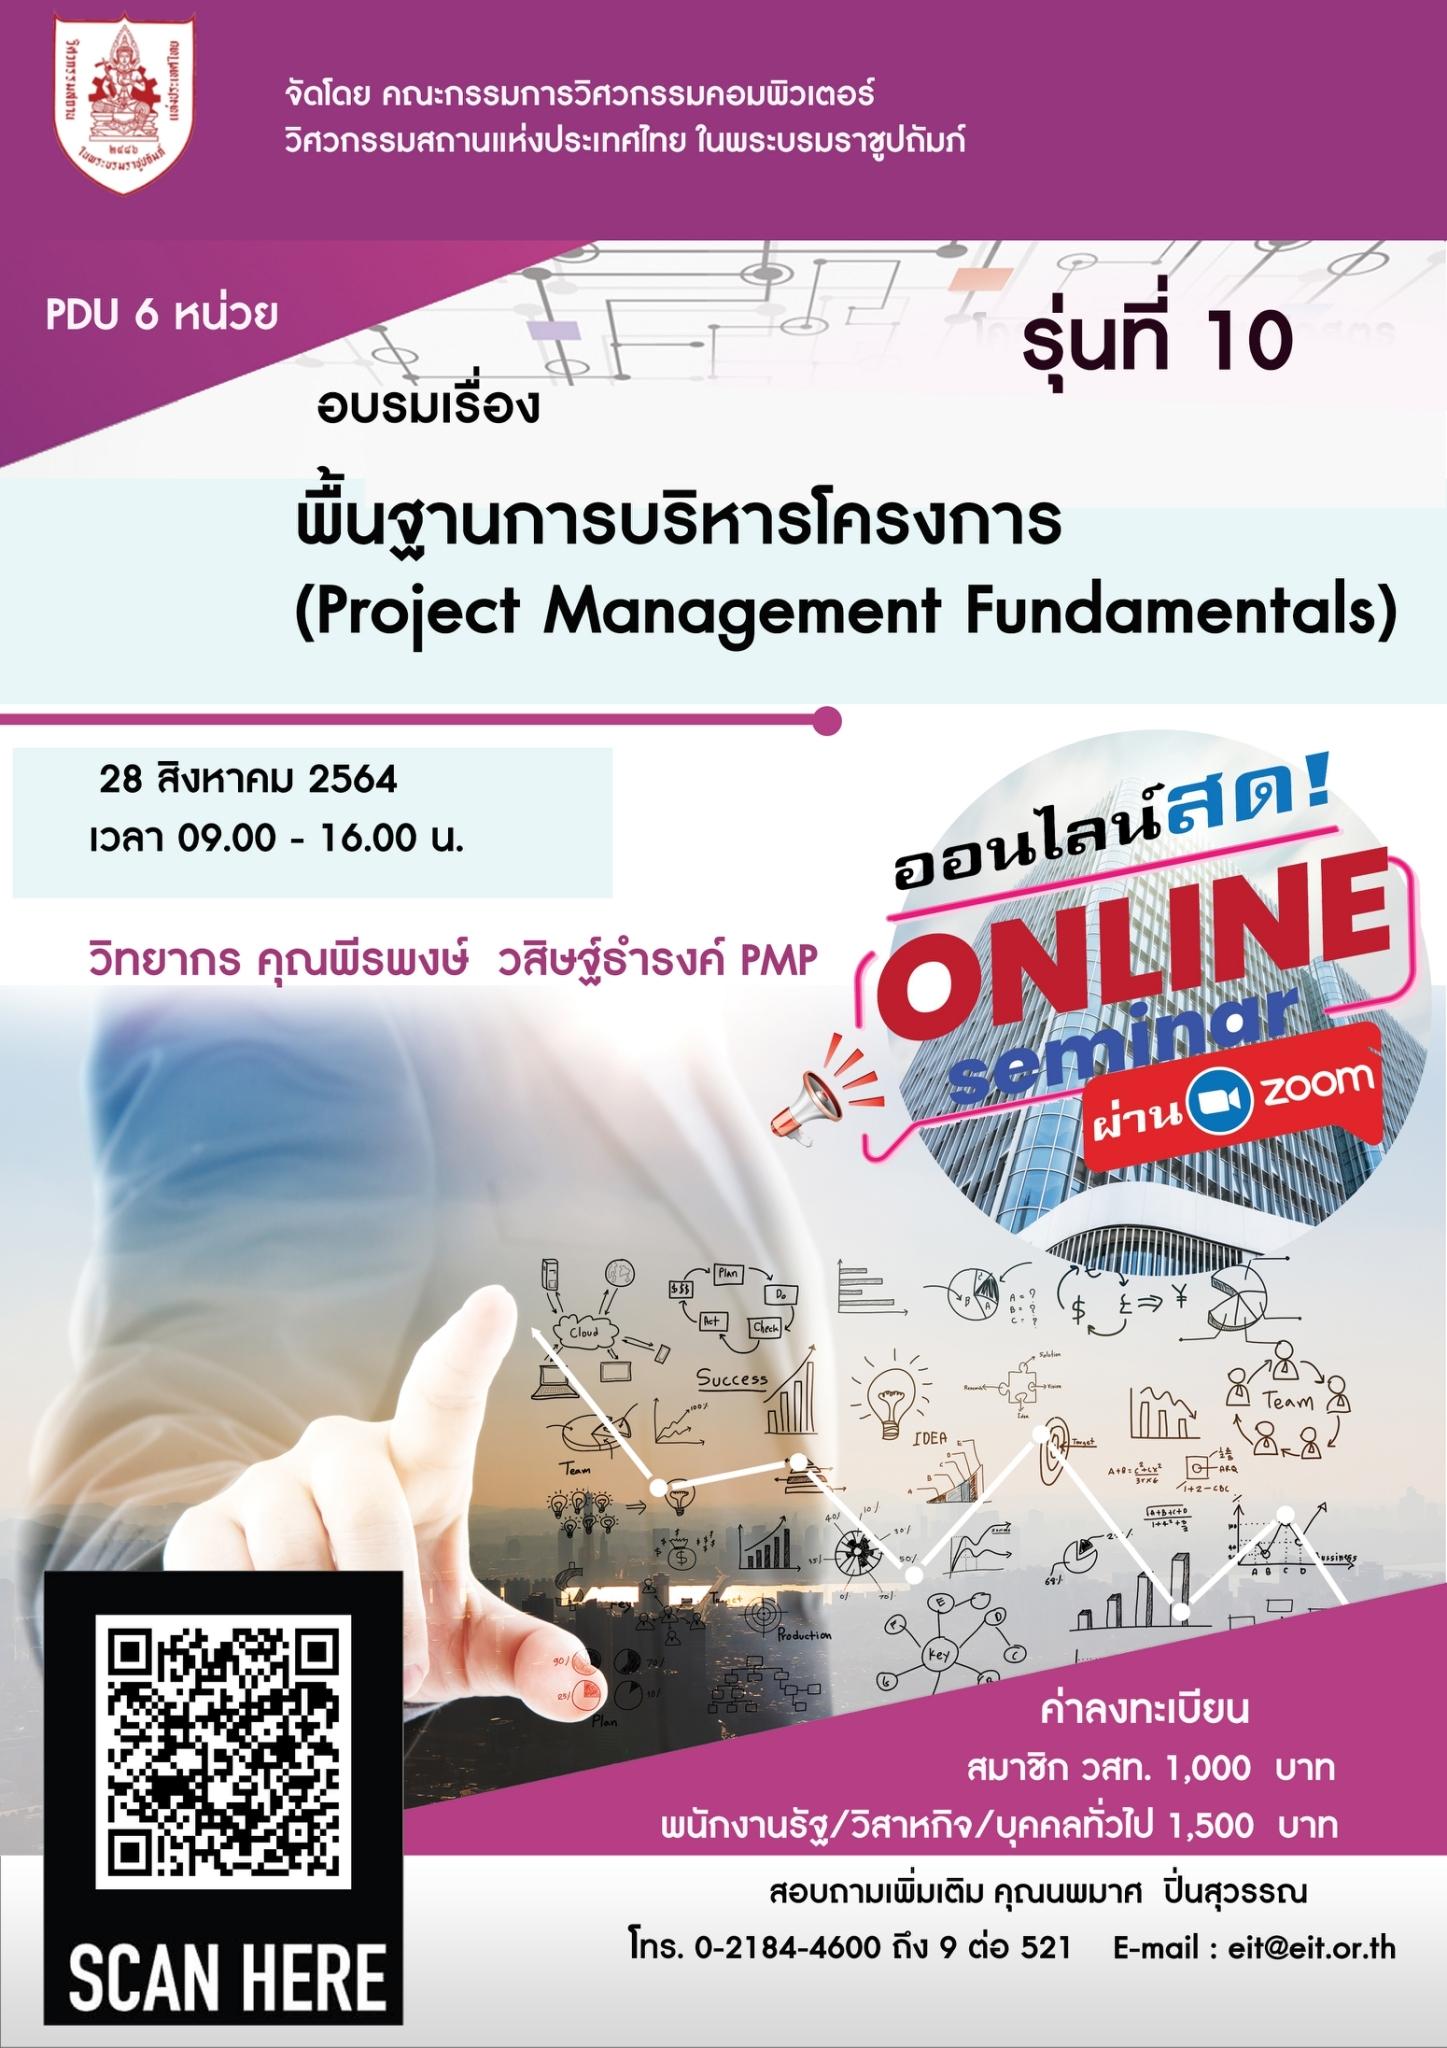 28/8/2564 พื้นฐานการบริหารโครงการ (Project Management Fundamentals) รุ่นที่ 10 ** สอนออนไลน์